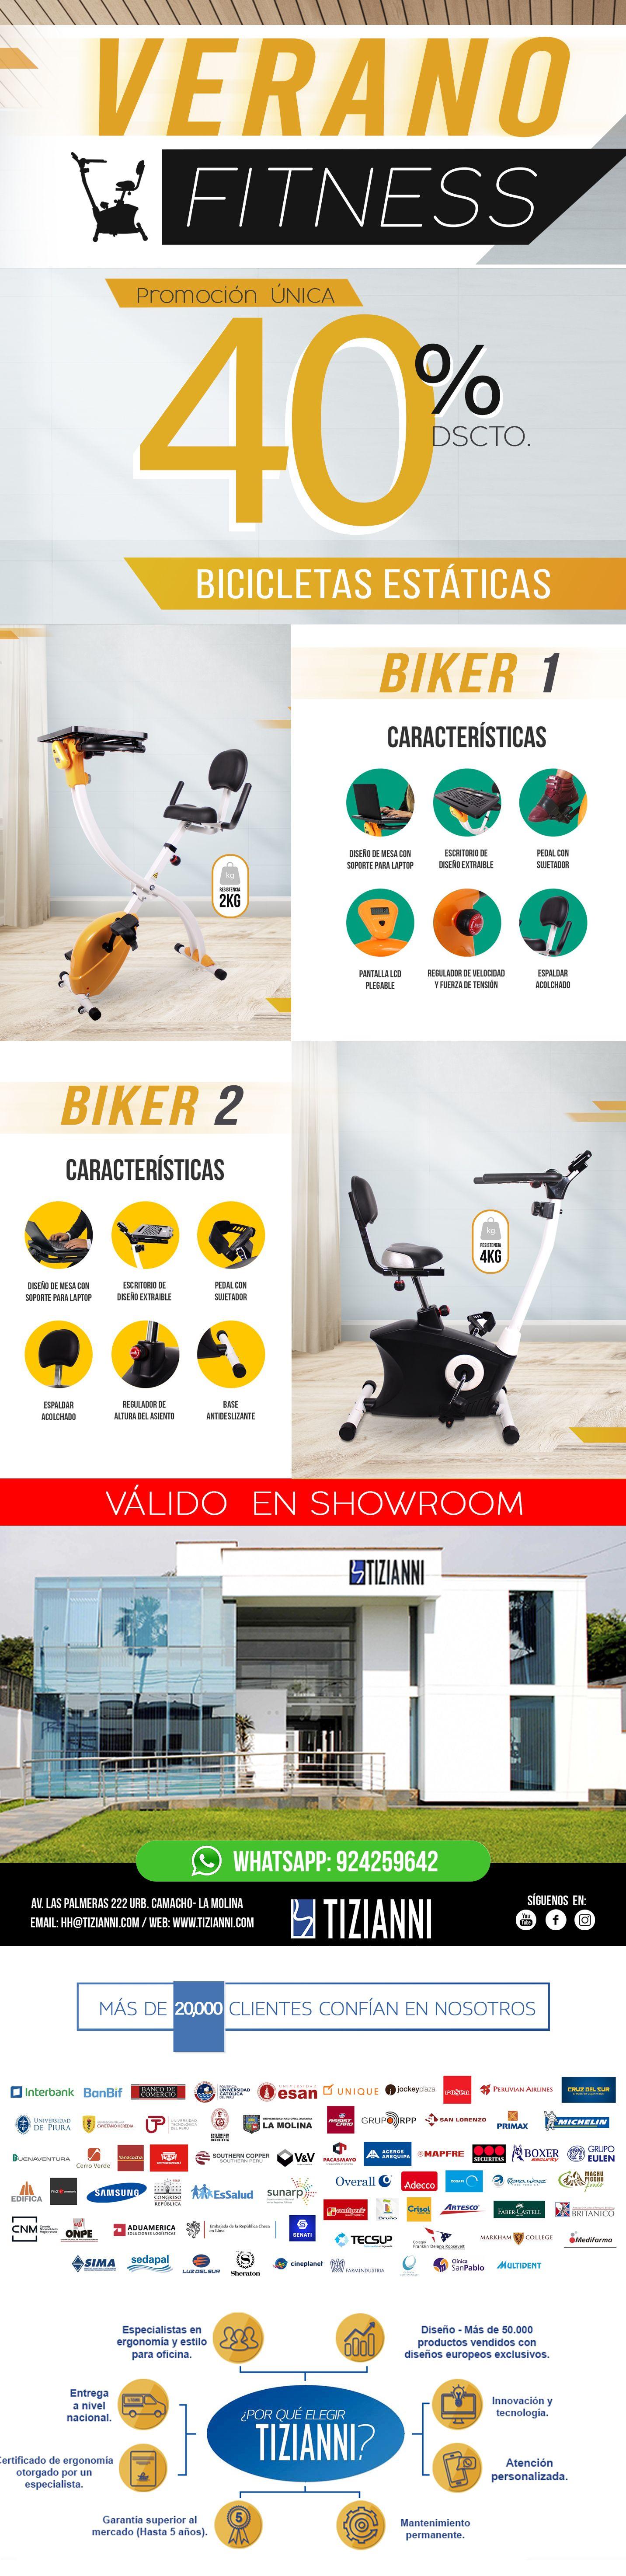 Bicicletas Estaticas Para El Verano Ejercicios Piernas Y Gluteos Ejercicios Para Piernas Bicicleta Estatica